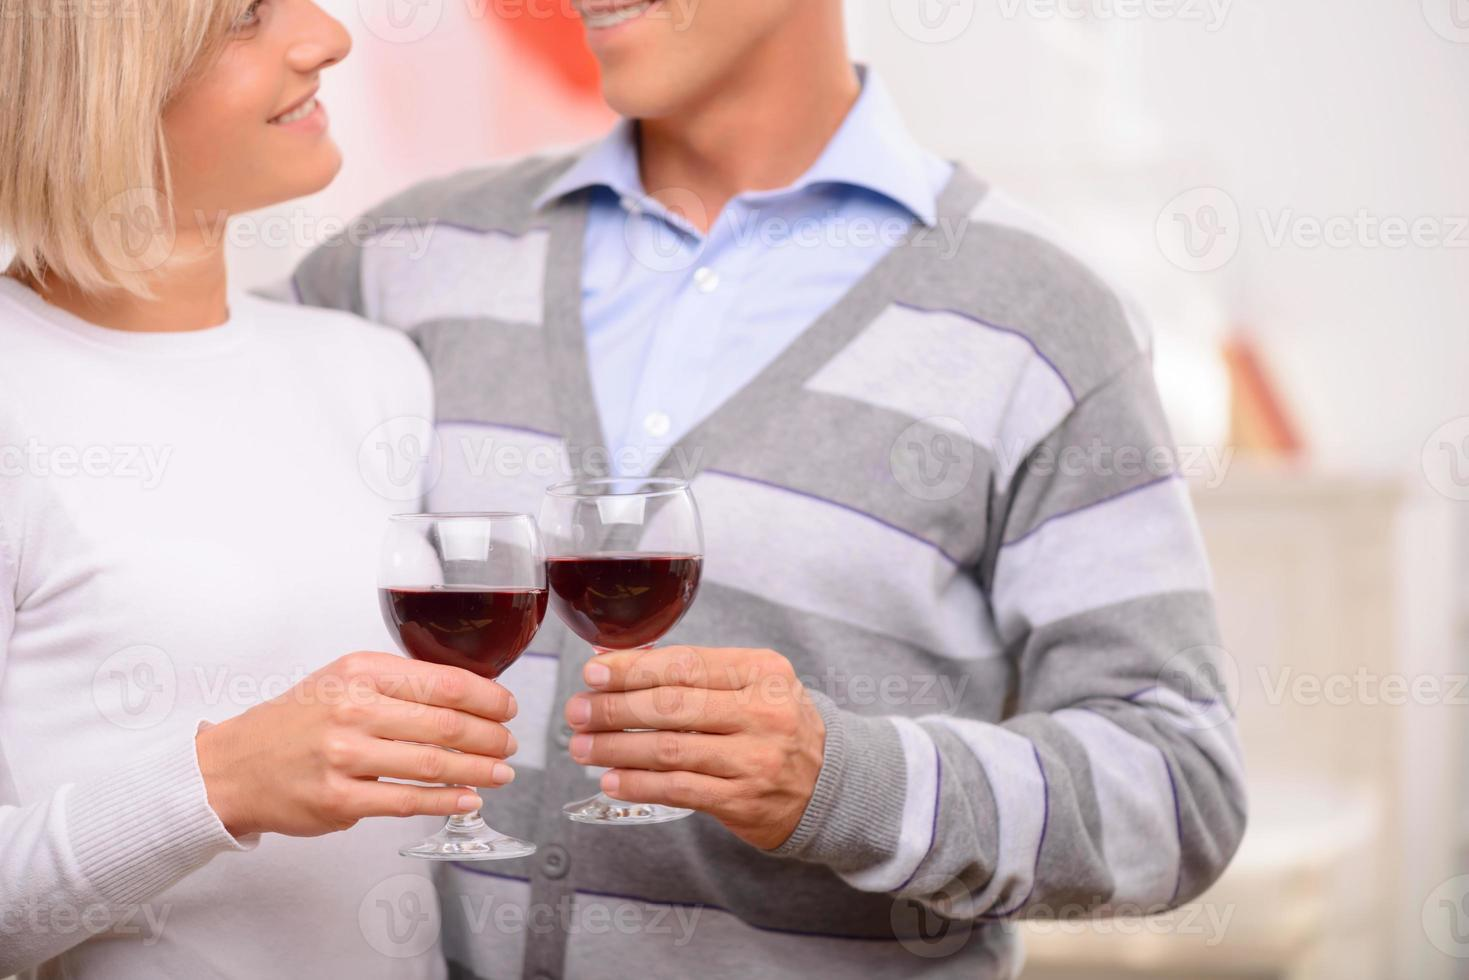 angenehmes Paar trinkt Wein foto